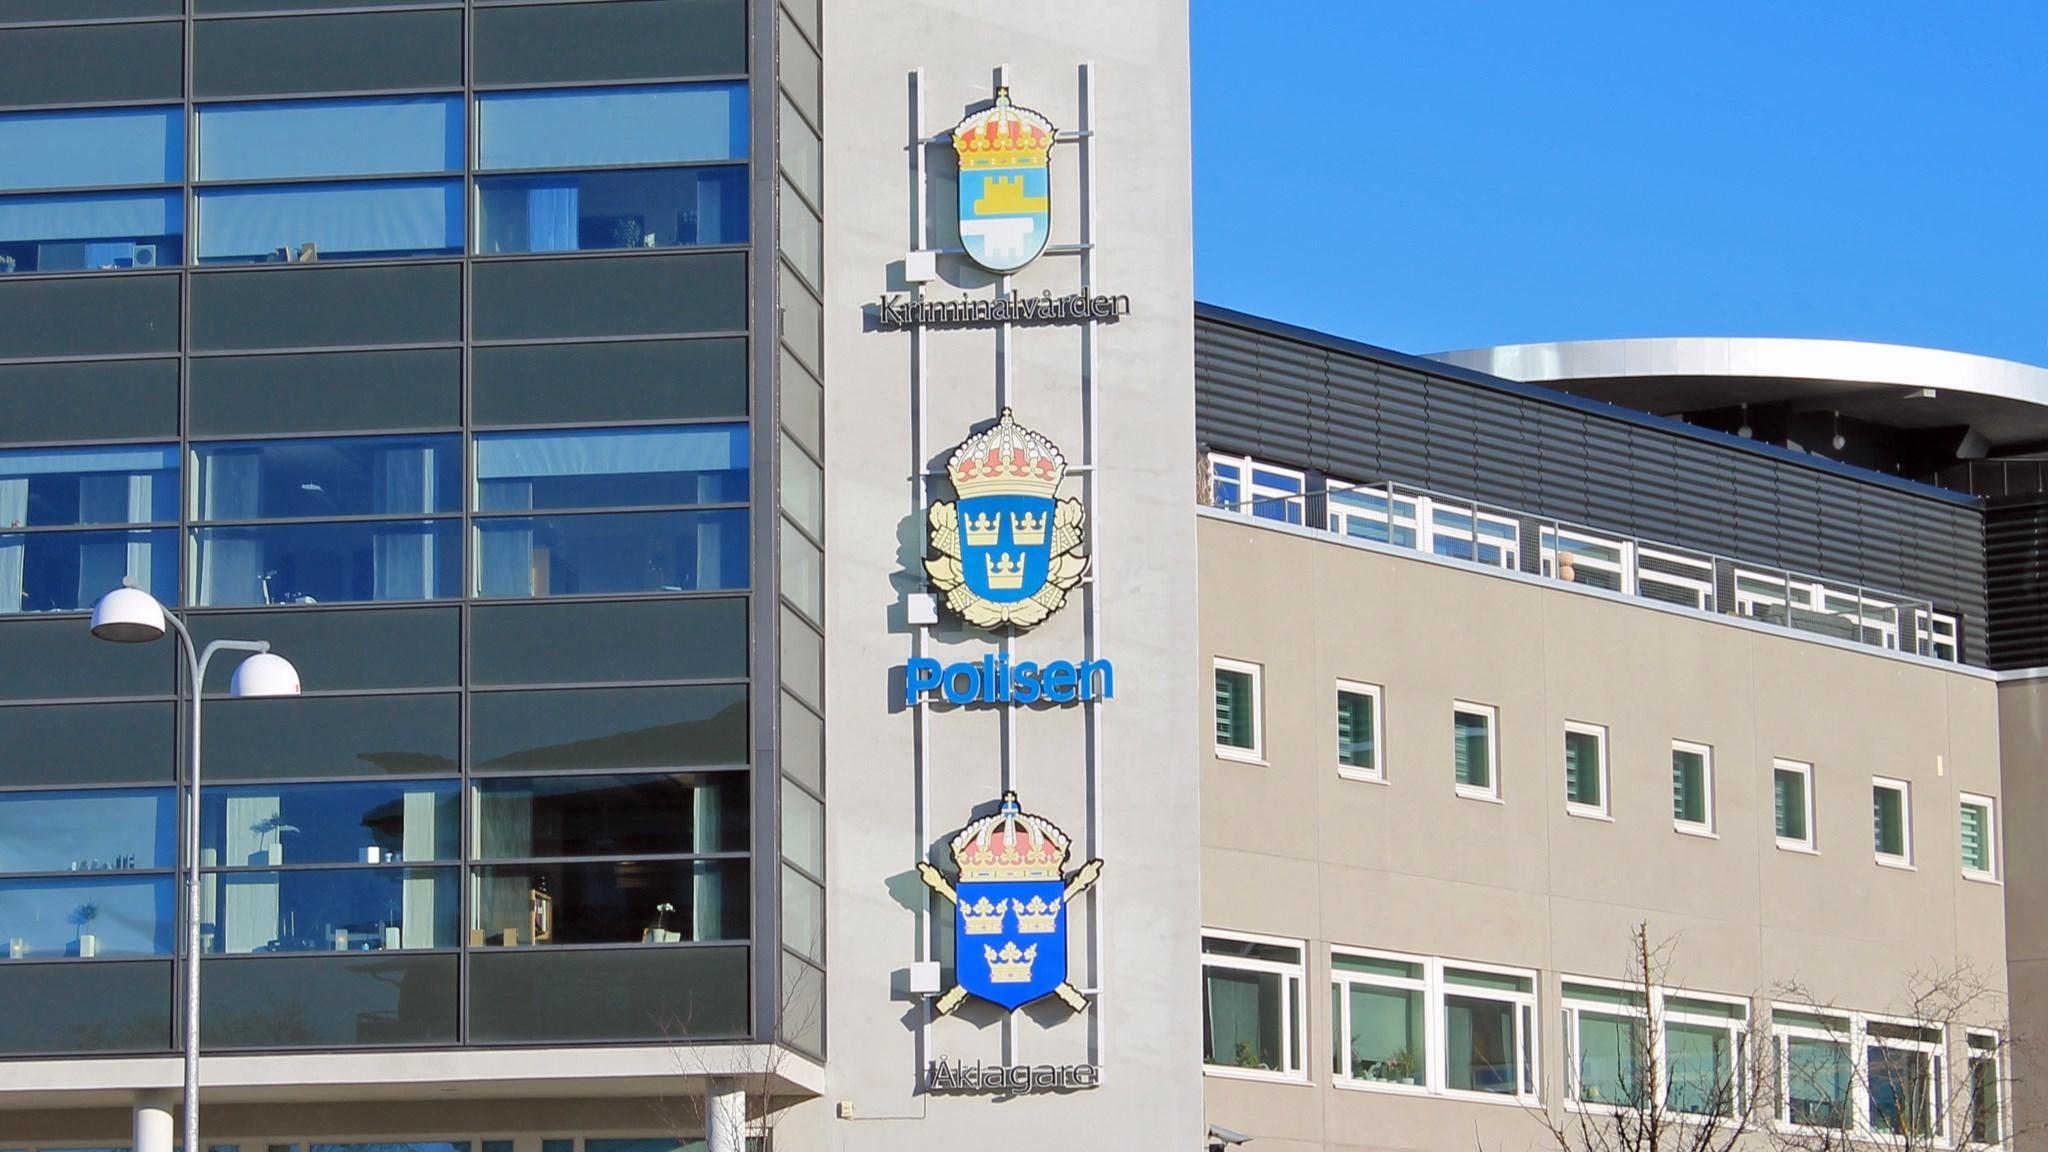 sammanfattning eriksberg - Uppsalahem